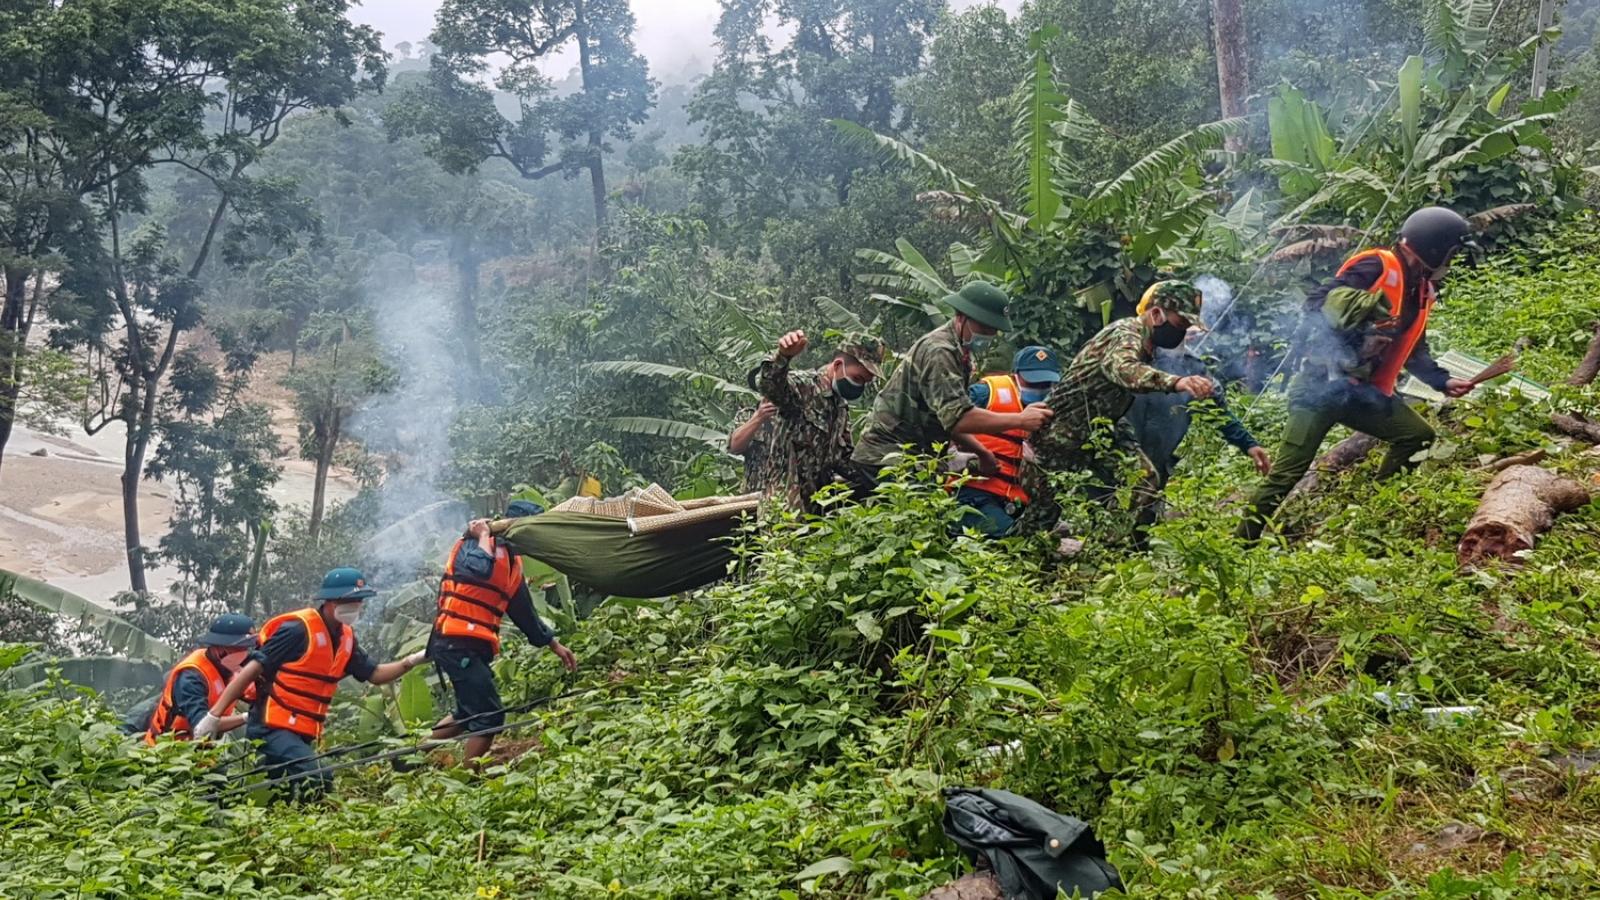 Tìm thấy thêm 1 thi thểtrong vụ sạt lở đất kinh hoàng tại Trà Leng